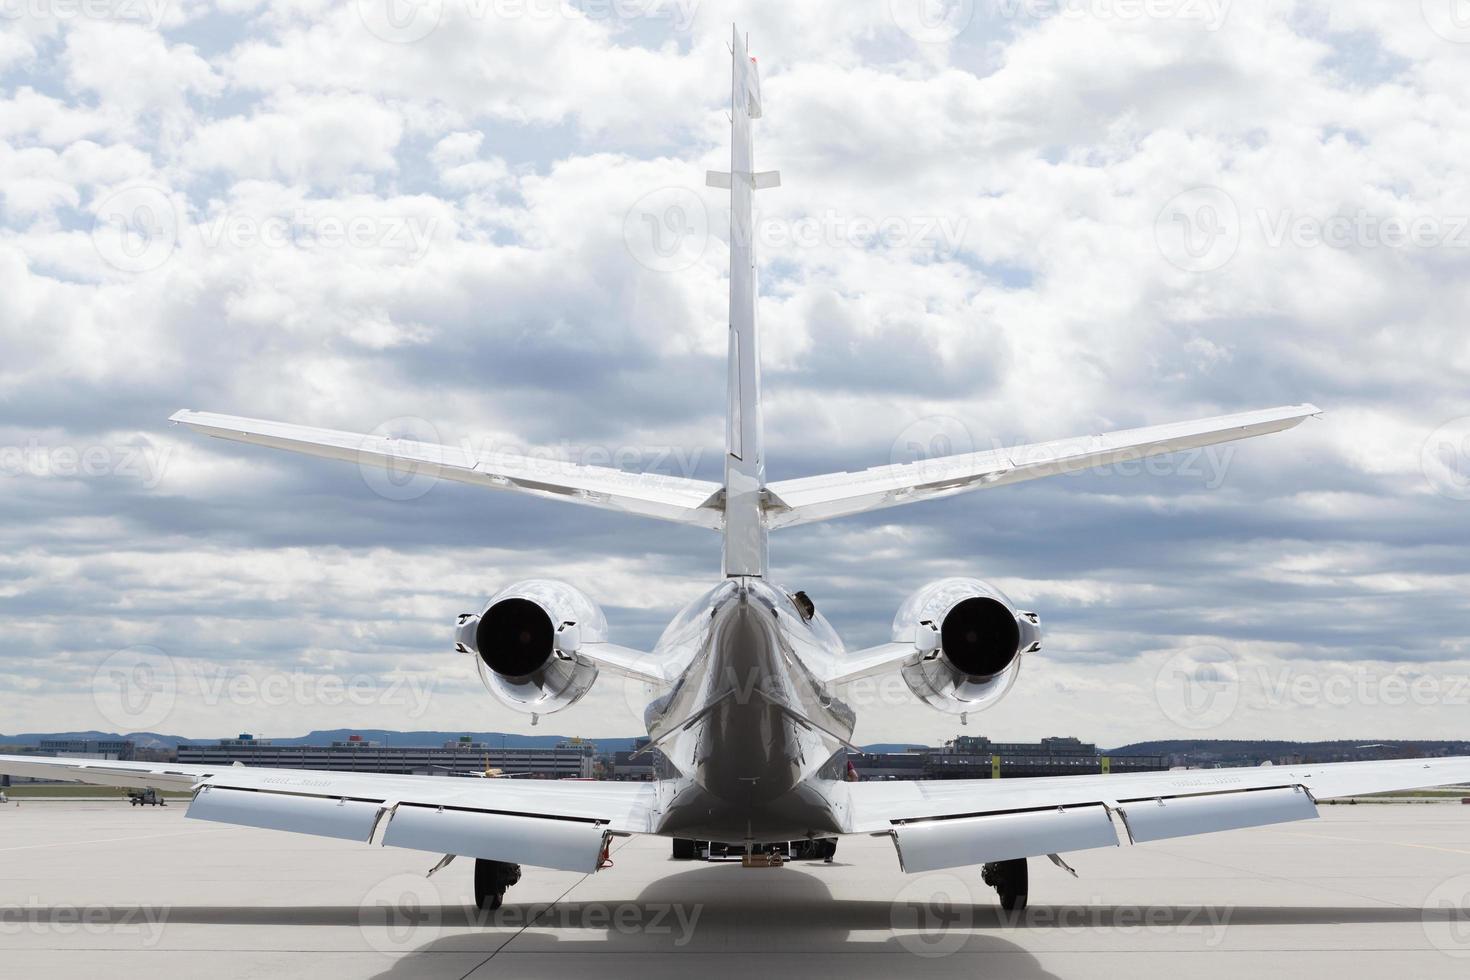 avião learjet de aeronaves na frente do aeroporto com céu nublado foto